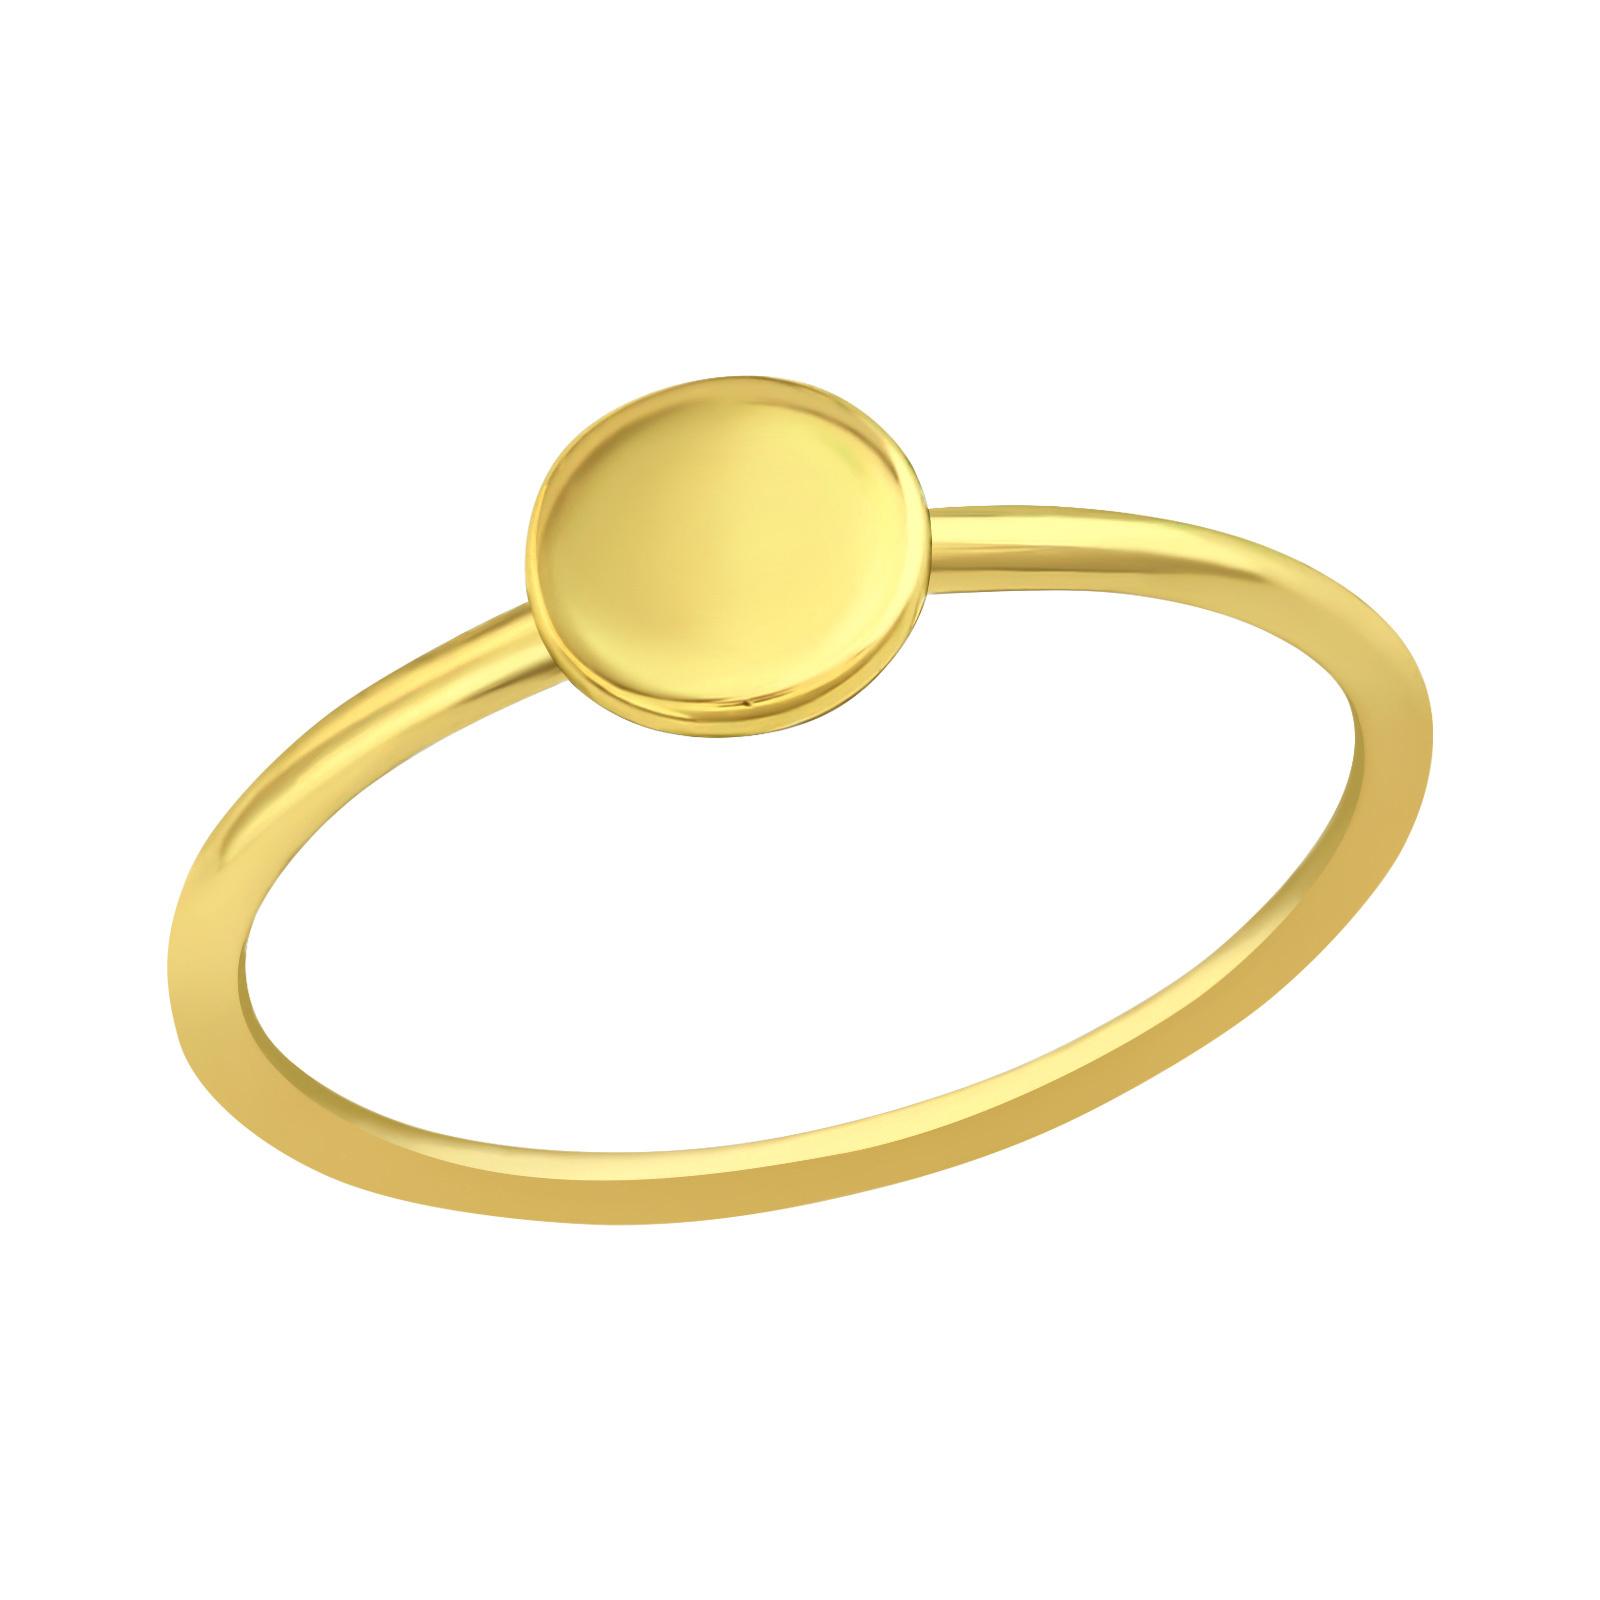 Feiner Ring mit Scheibe aus 925er Sterling Silber - Gold-1